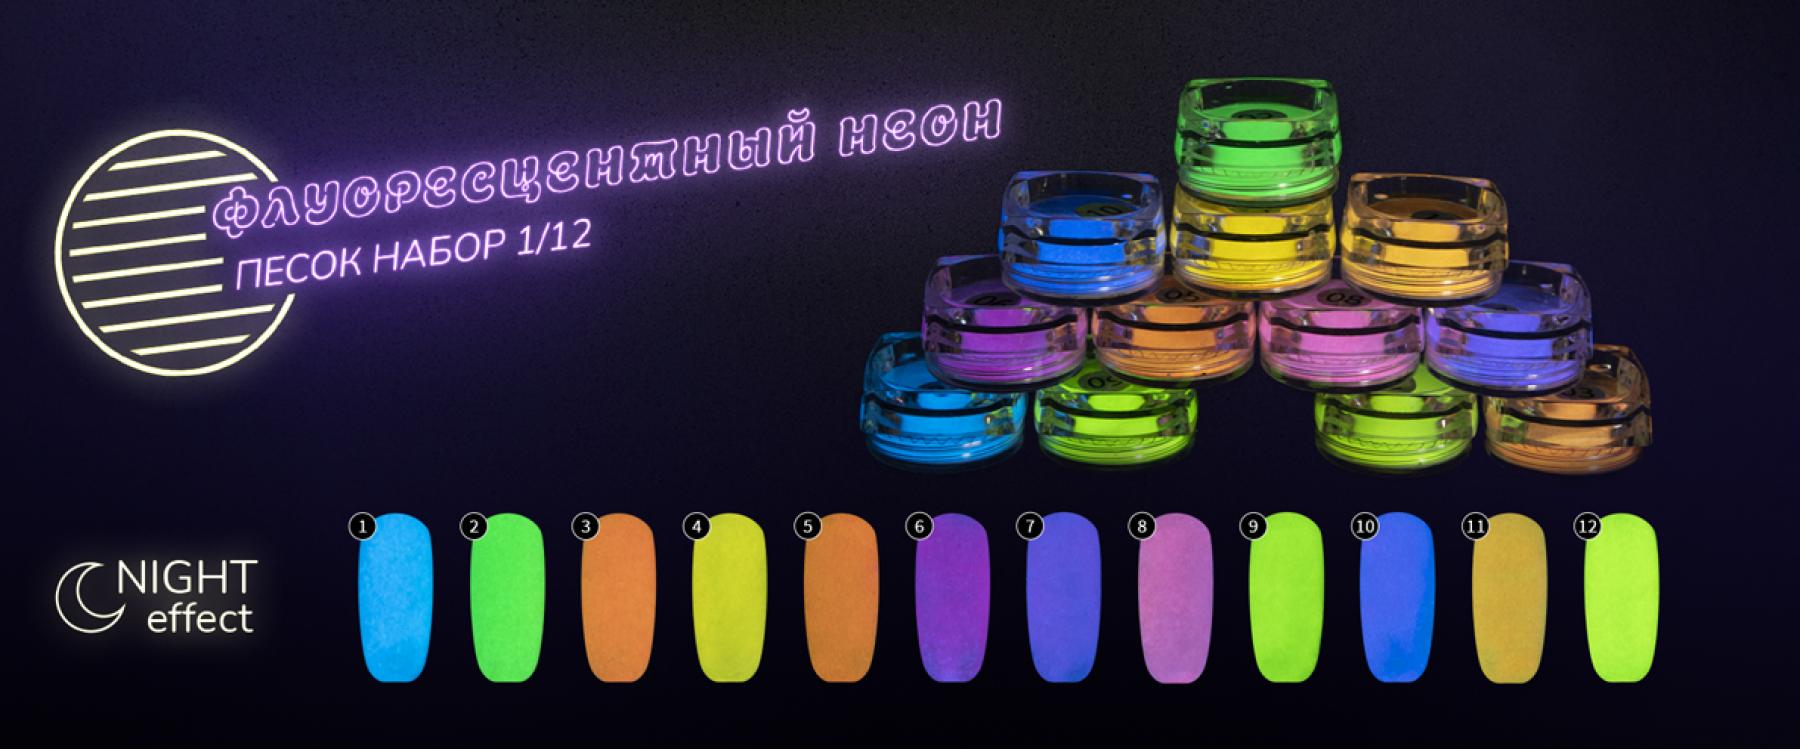 Флуоресцентный неон